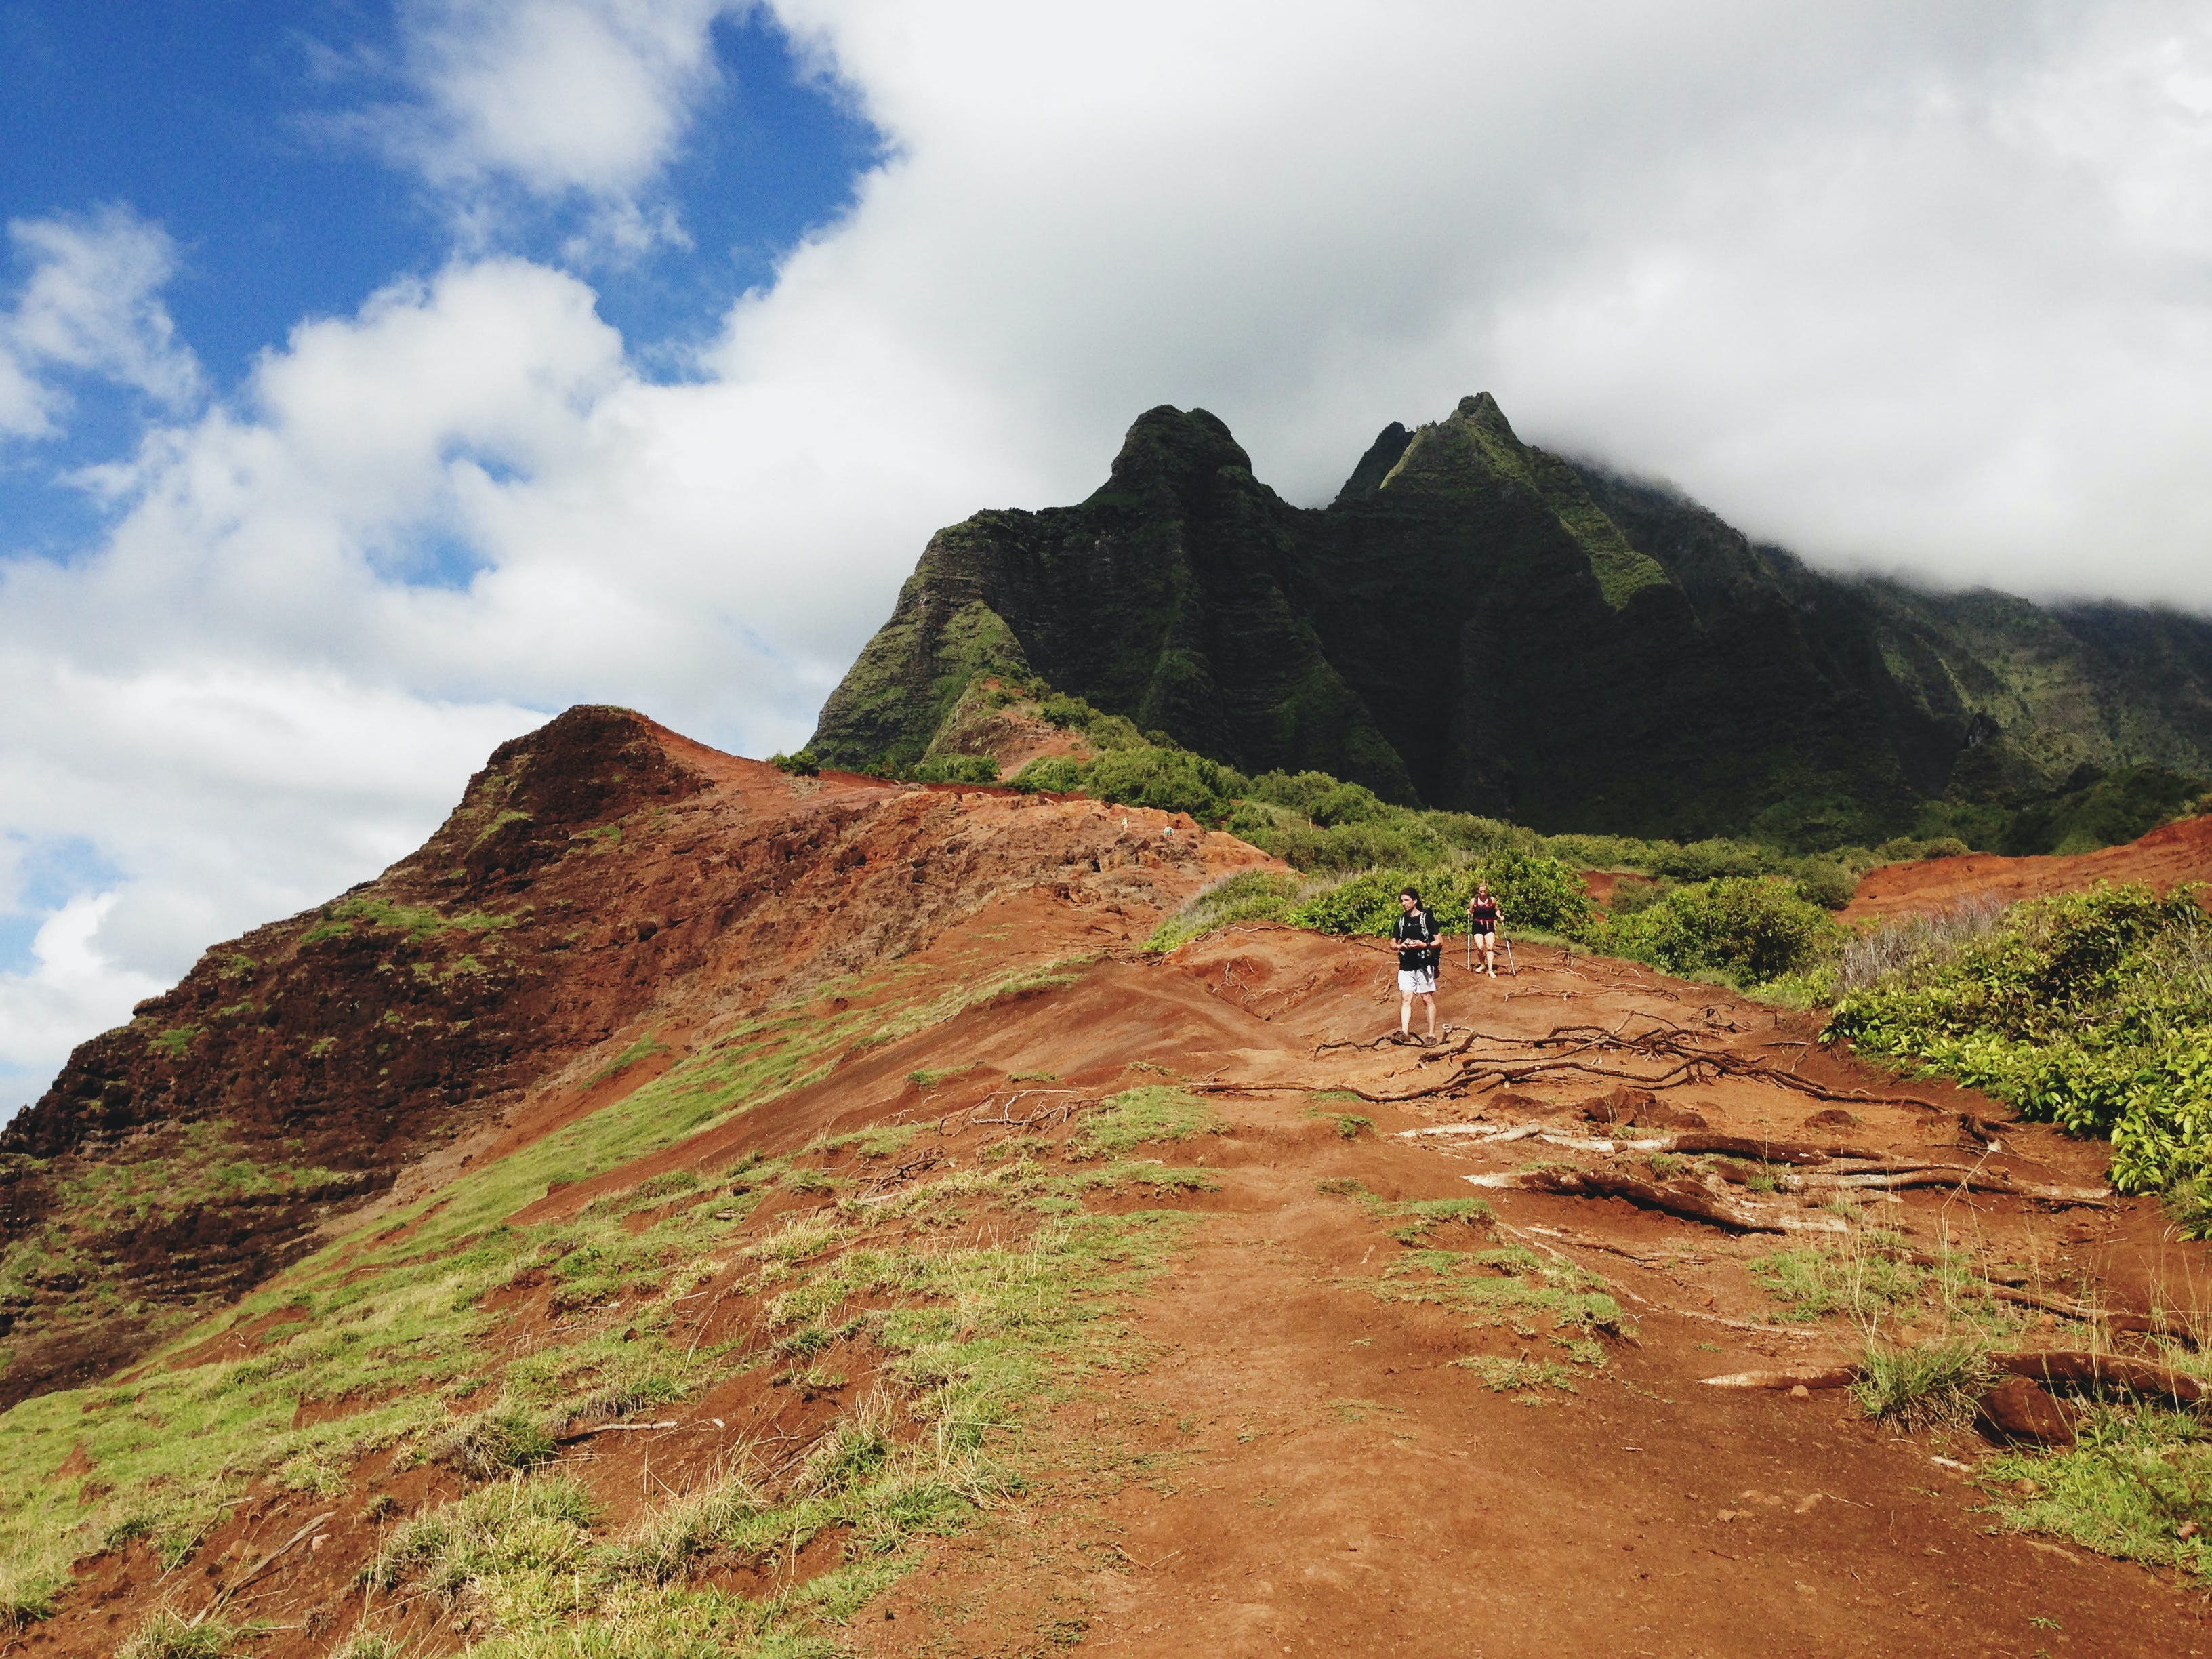 Fotos de stock gratuitas de aventura, caminos, espíritu viajero, gente